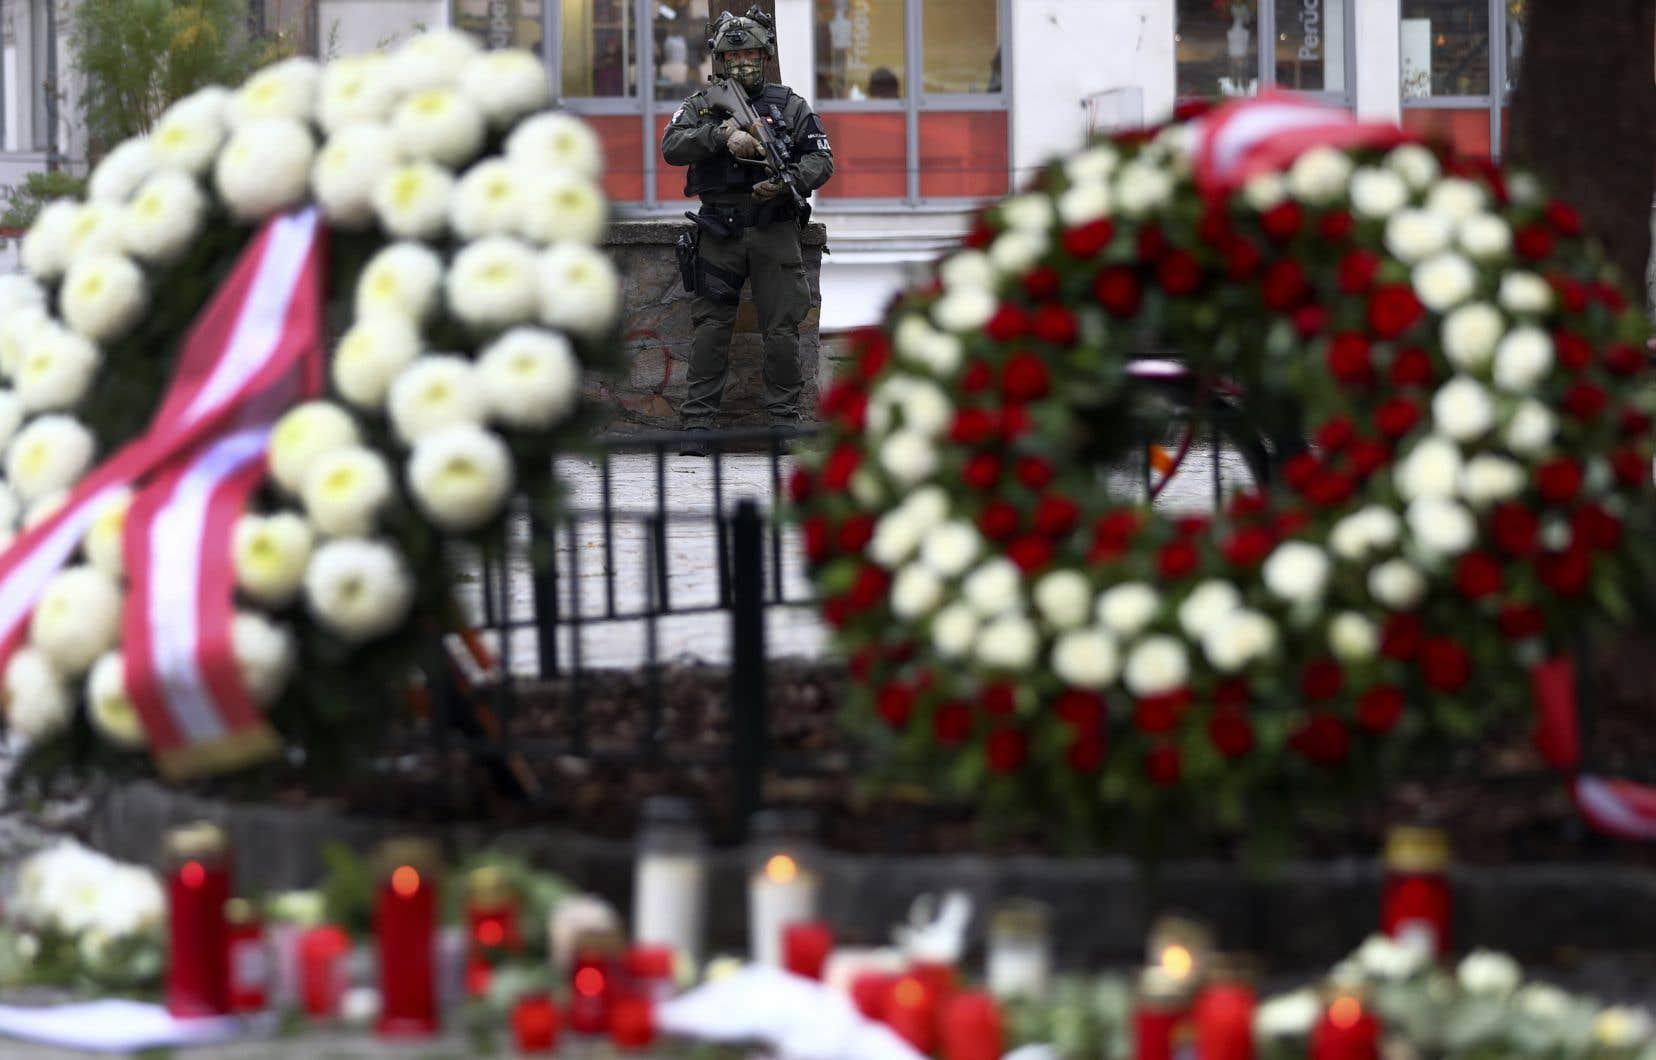 Un membre des forces de l'ordre surveille le site de l'attaque, au centre-ville de Vienne, où des chandelles et des fleurs ont été déposées en mémoire des victimes.